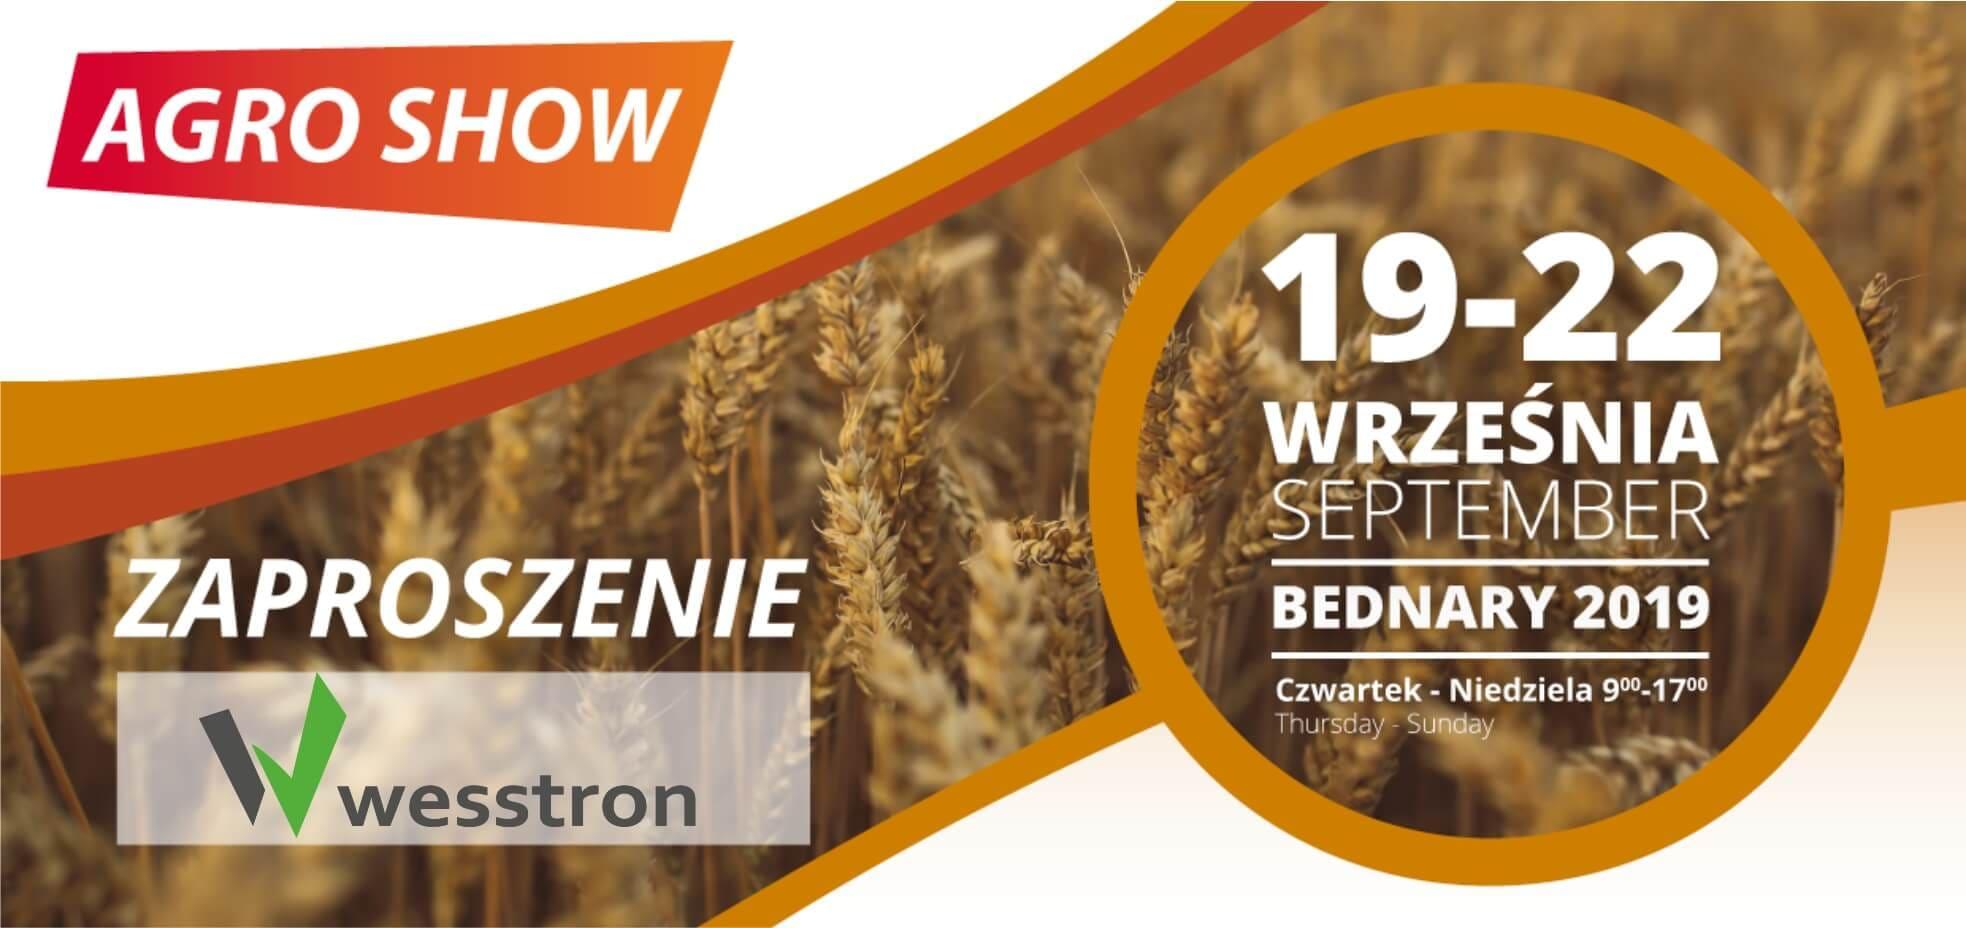 ZAPRO - AgroShow 2019 - Zaproszenie